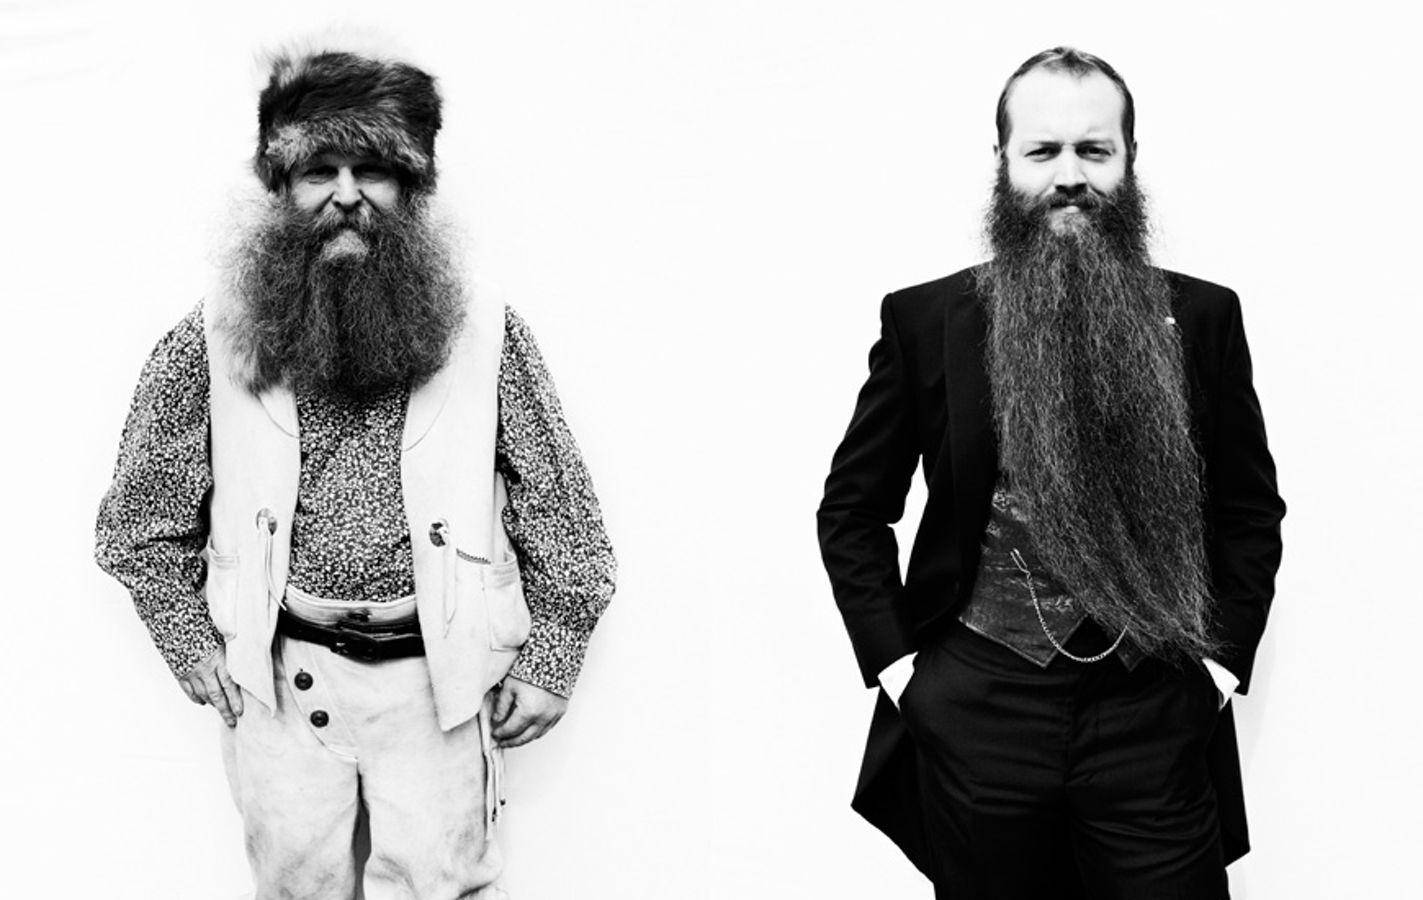 Bart und Schnauzer